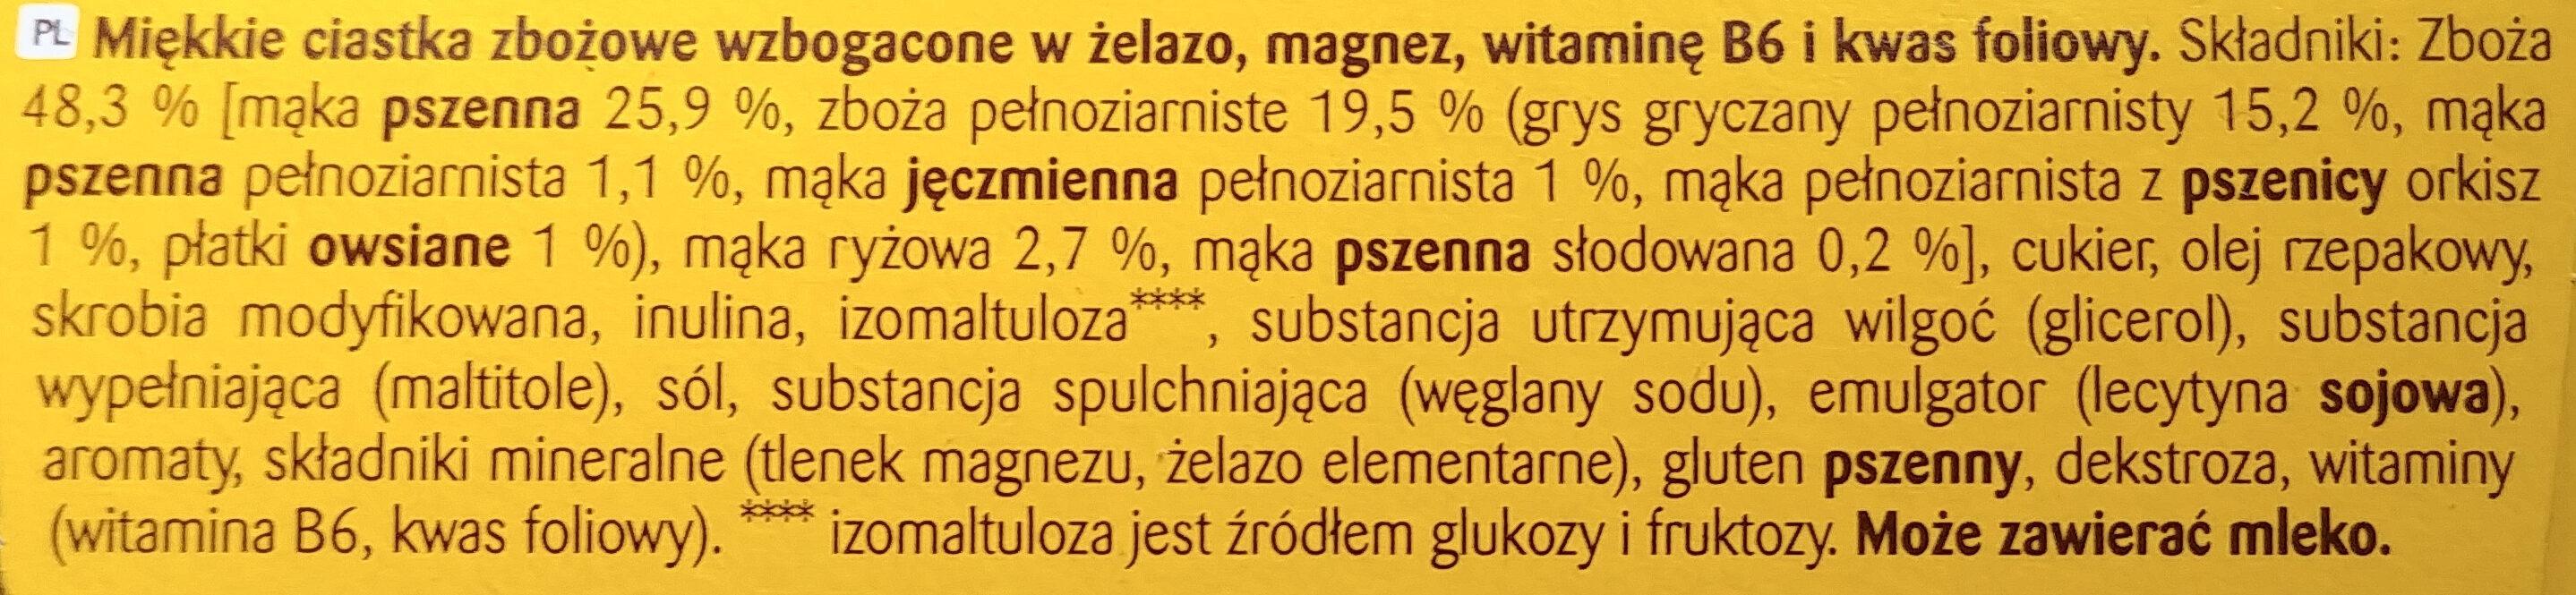 Bolacha de cereais enriquecida com ferro, magnesio, vitaminas B6 e B9. - Składniki - pl